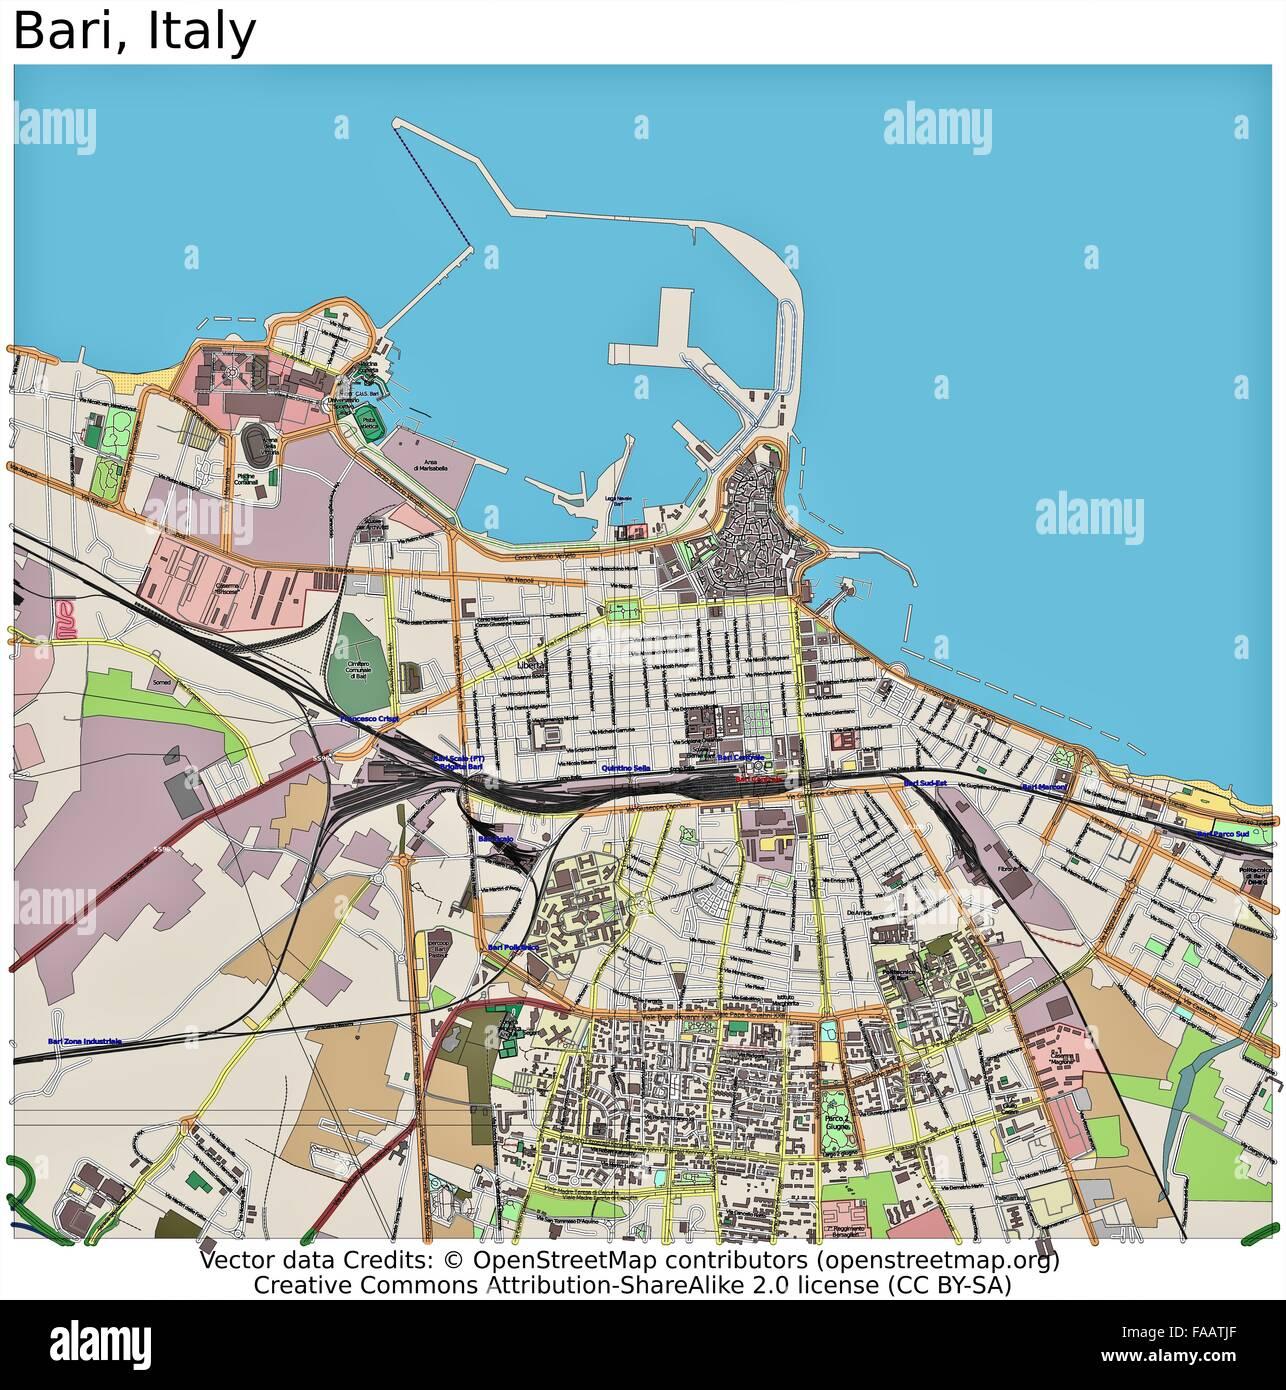 Bari Italy city map Stock Photo 92437255 Alamy